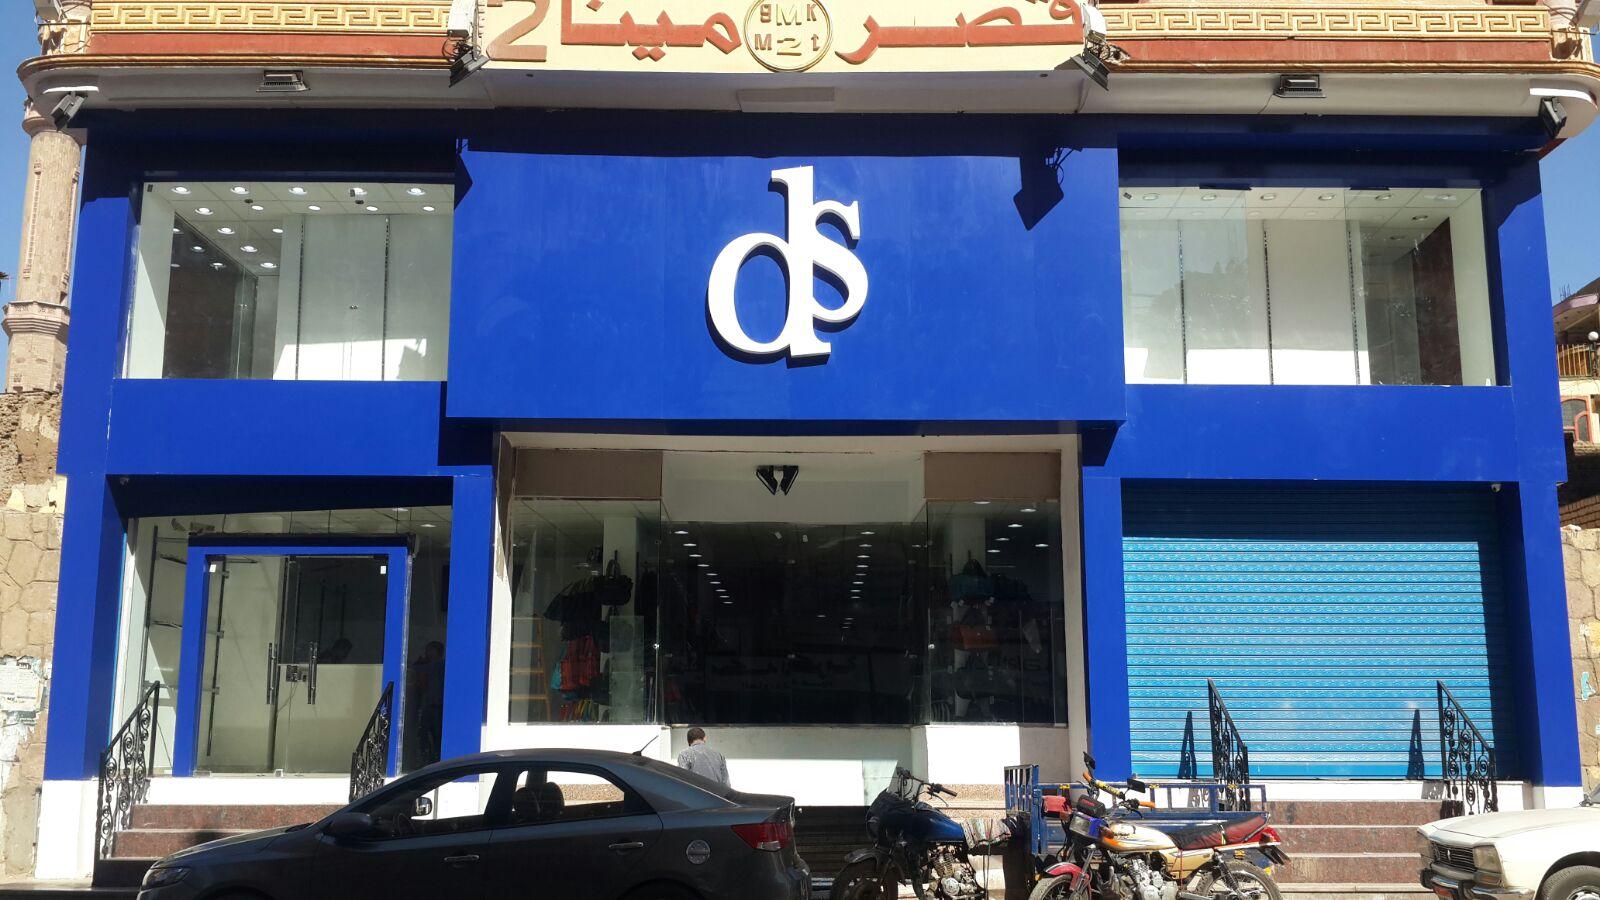 واجهات محلات كلادينج هى الاكثر انتشارا - دلتا للدعاية والاعلان